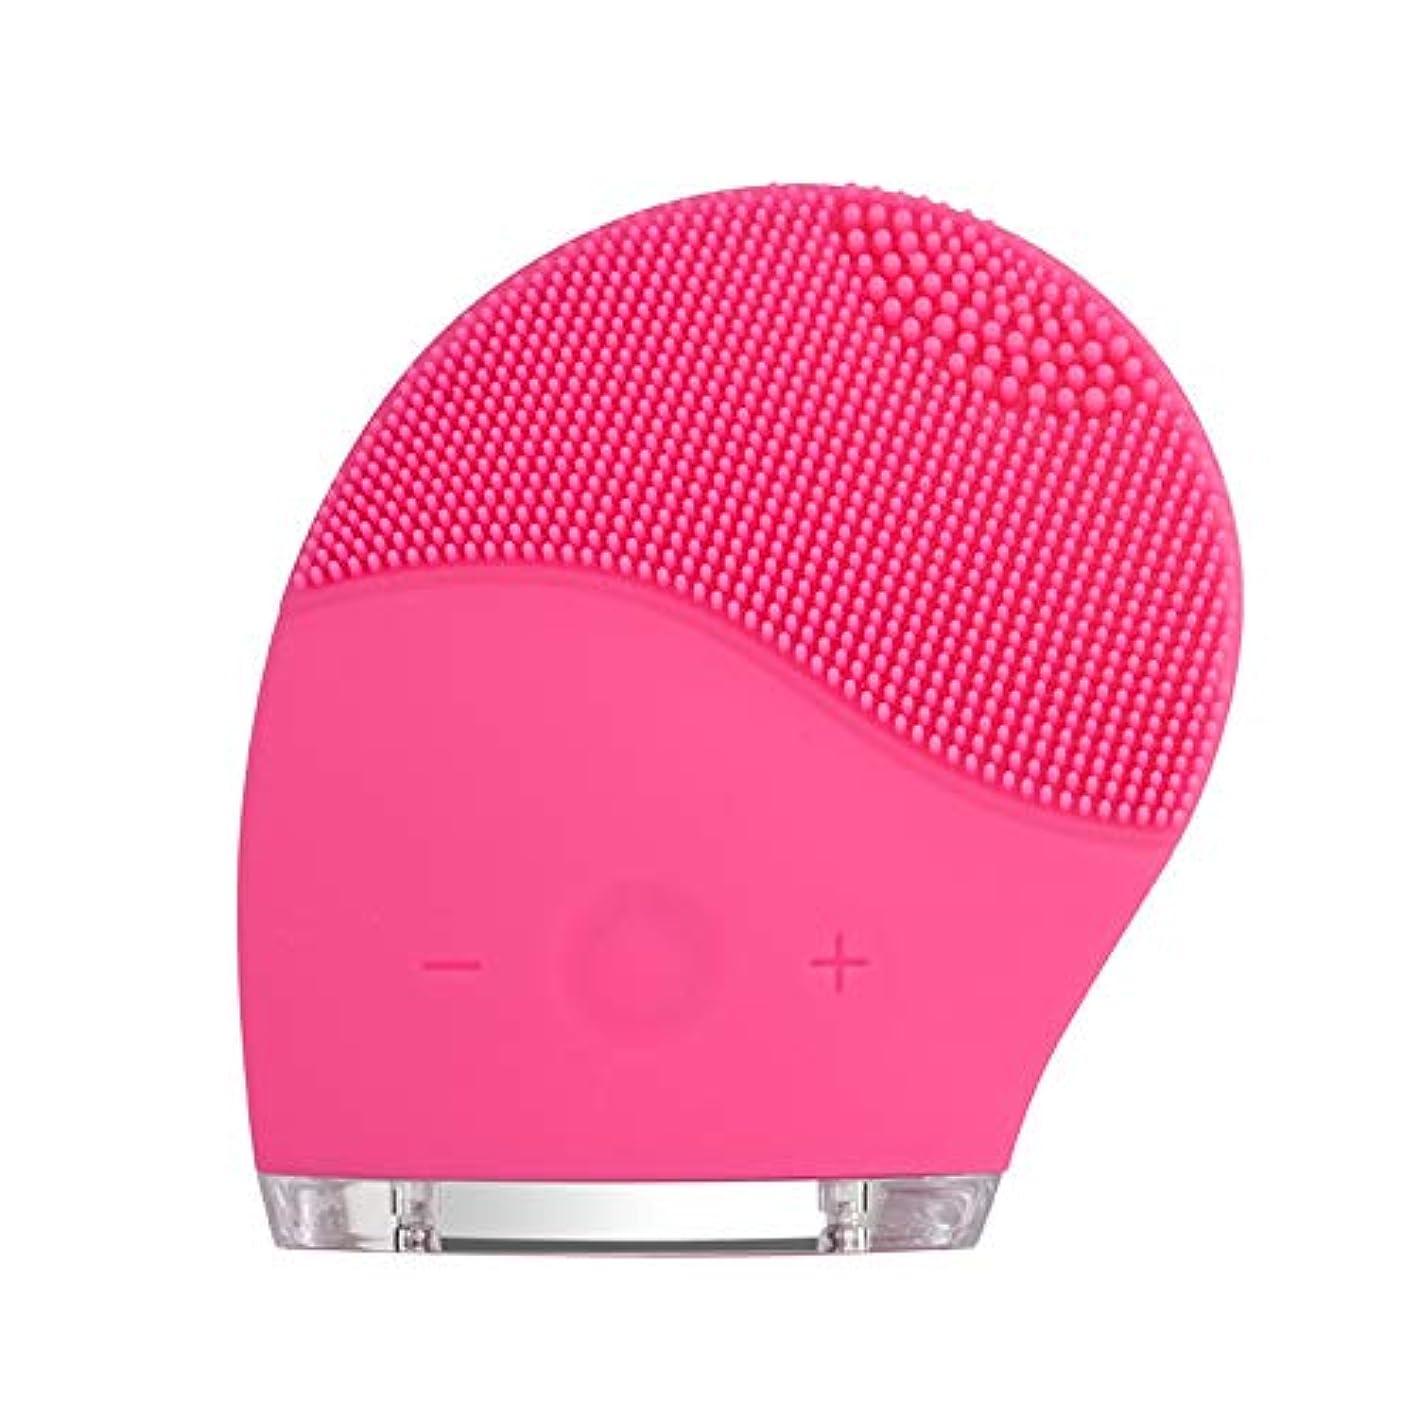 頼む汚すロボットkaixi 2019最新のシリコーンクレンジング楽器洗浄ブラシ電気美容器具毛穴きれいな柔らかい髪振動充電式洗浄アーティファクト